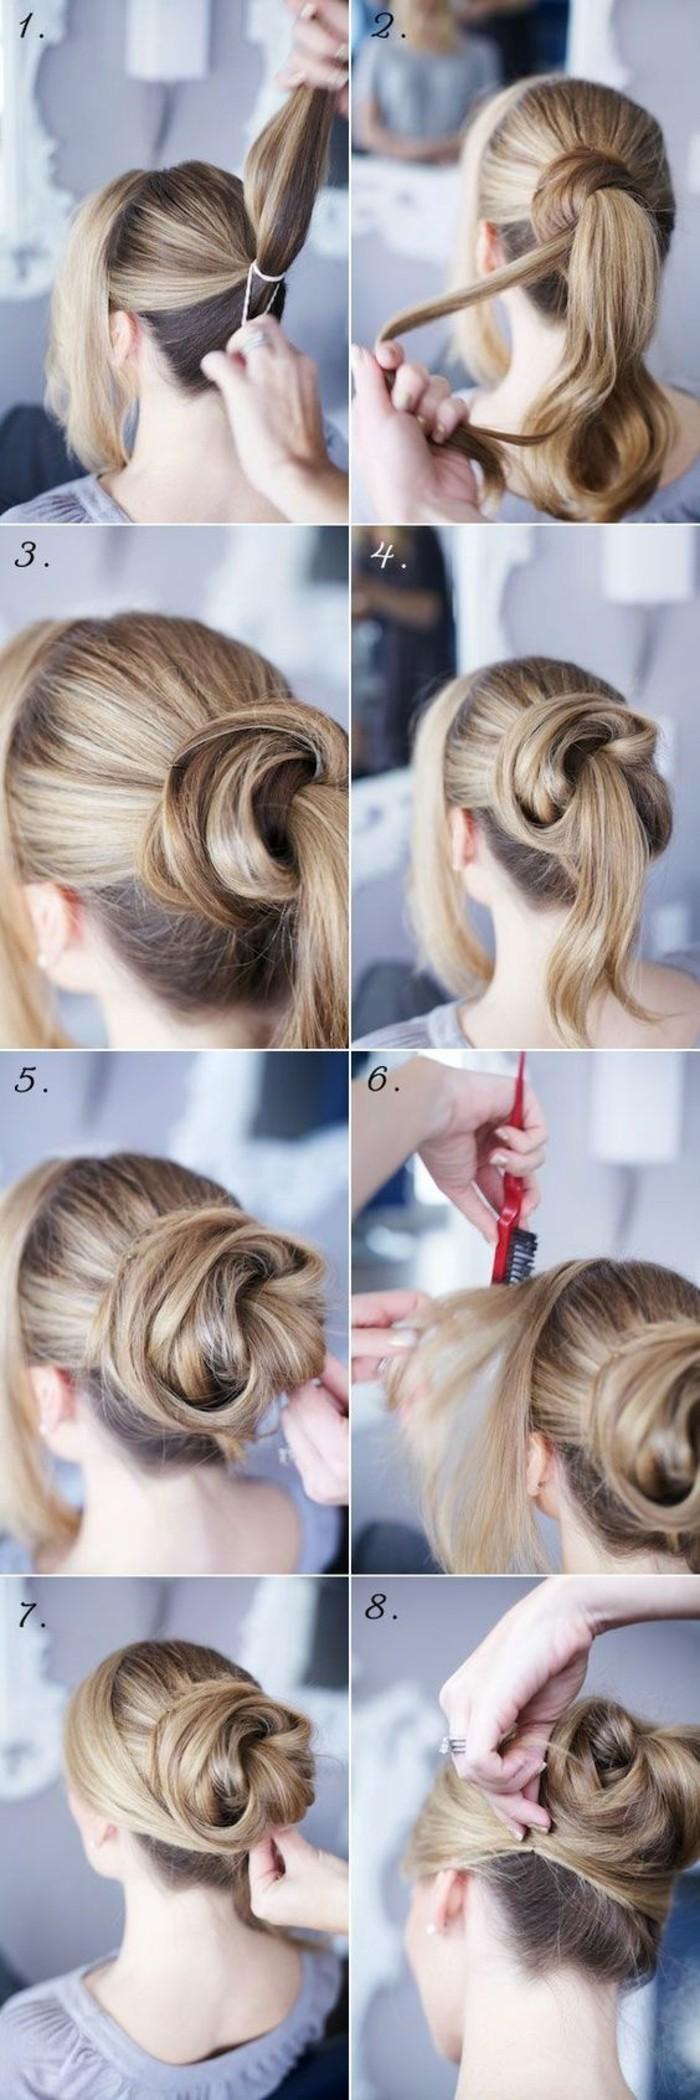 hochsteckfrisuren-selber-machen-lange-blonde-haare-hochstecken-diy-frisur-frau-kämmen